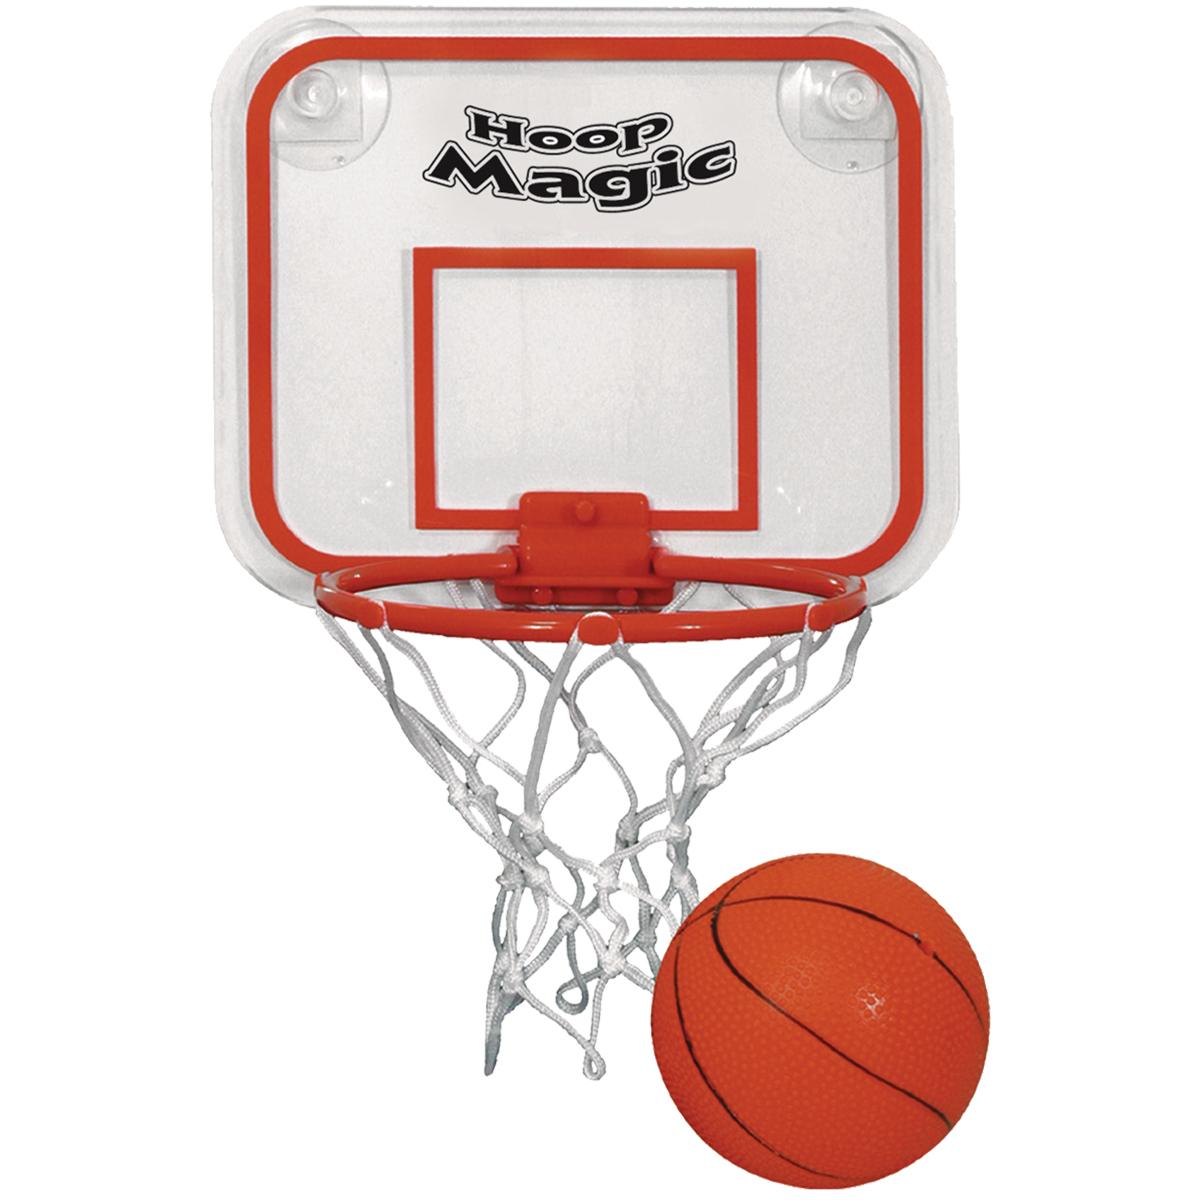 Small Toy Basketball : Mini basketball hoop set